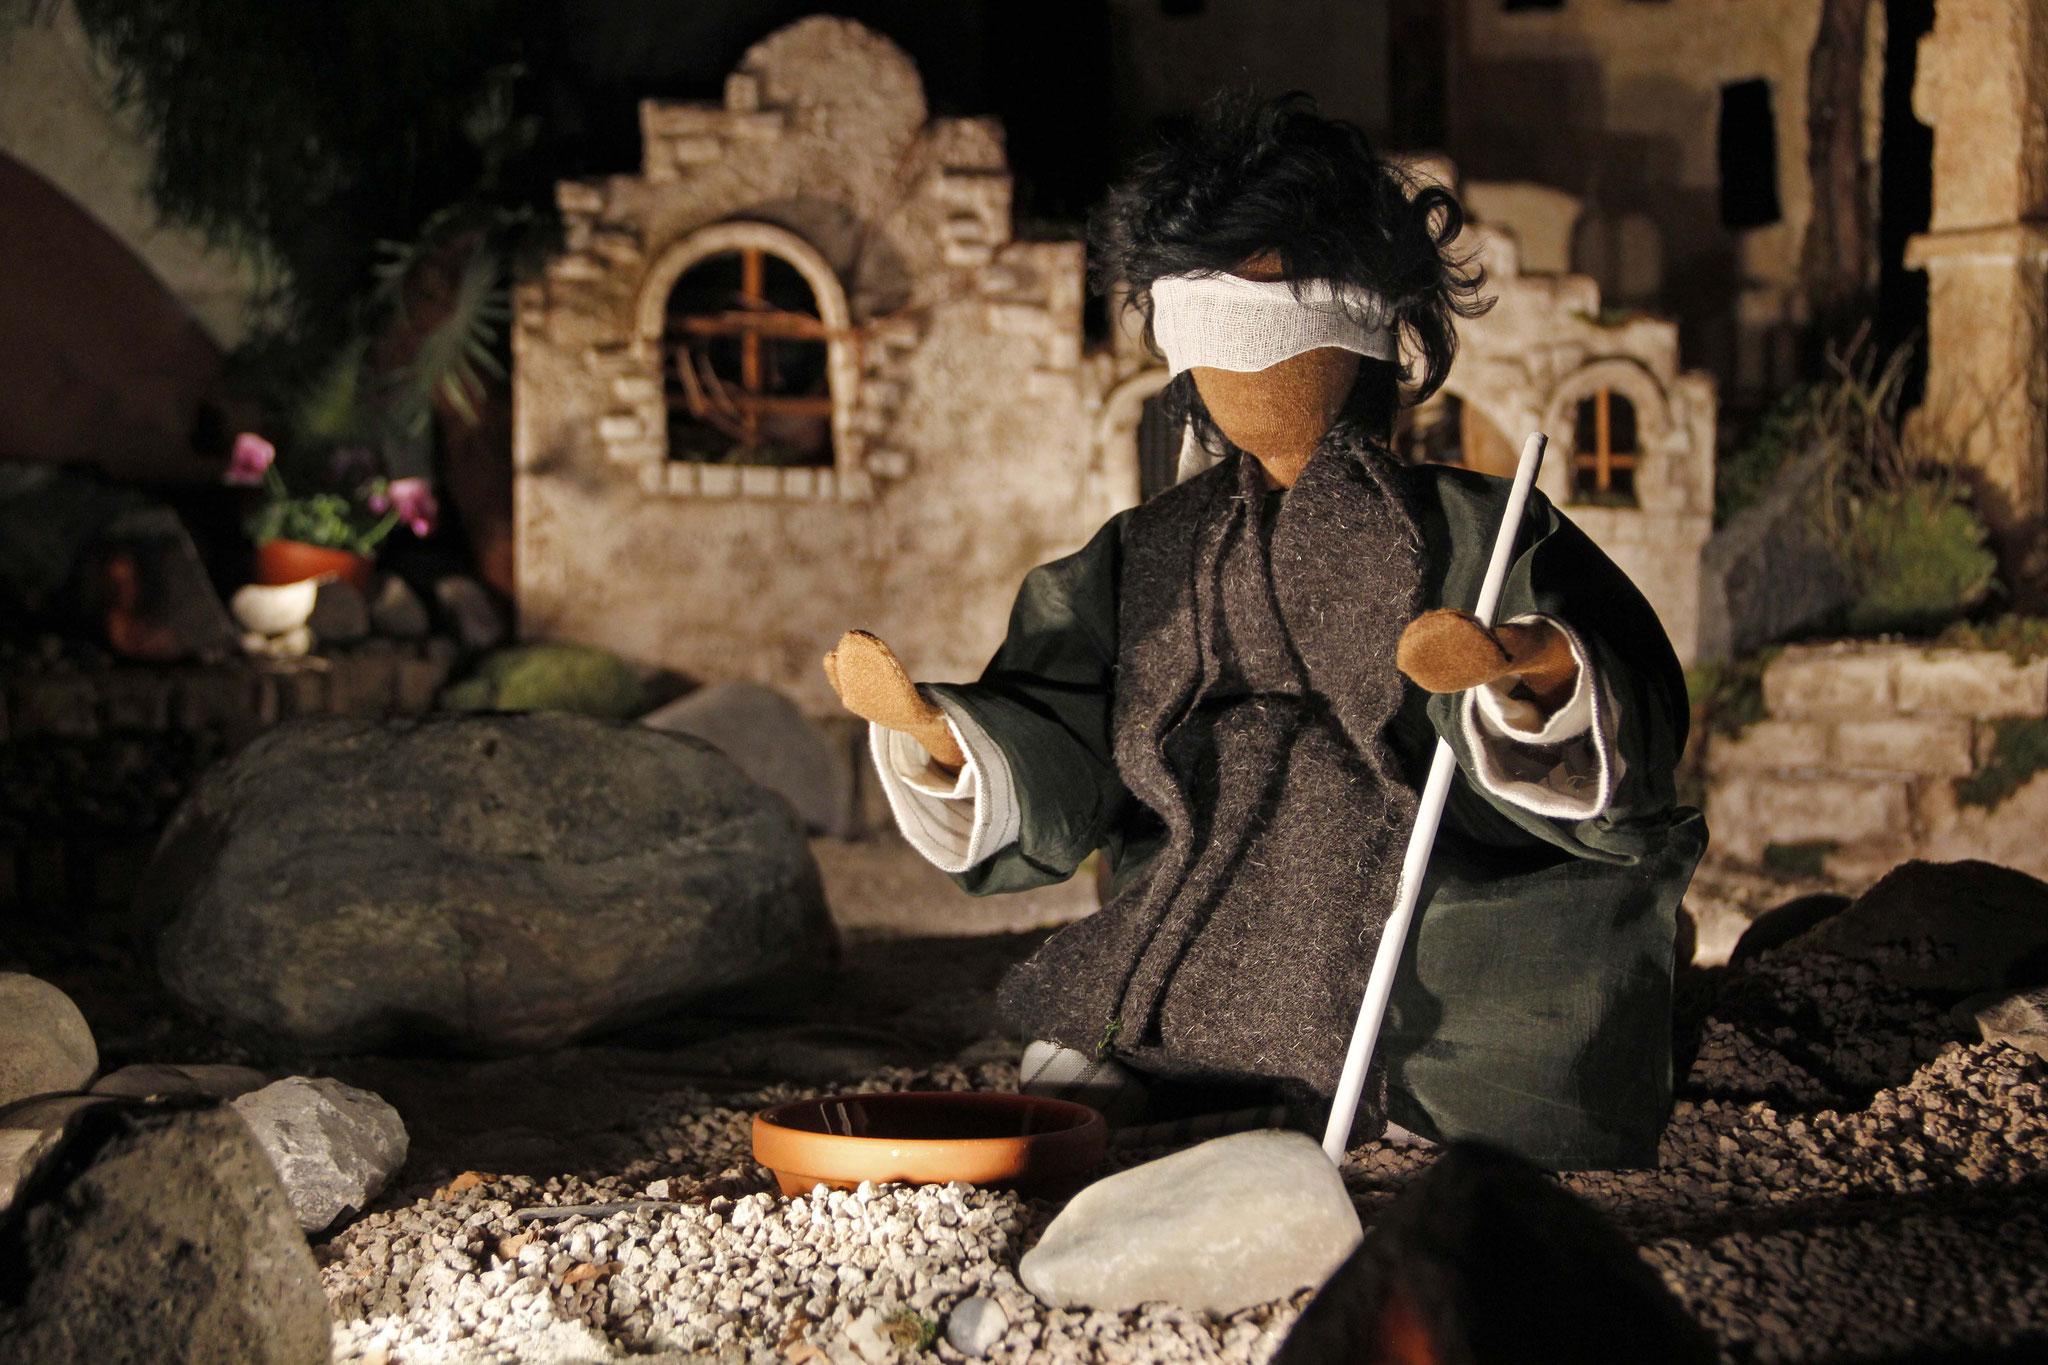 Als Jesus mit seinen Jüngern unterwegs war, sah er einen Mann, der seit seiner Geburt blind war.